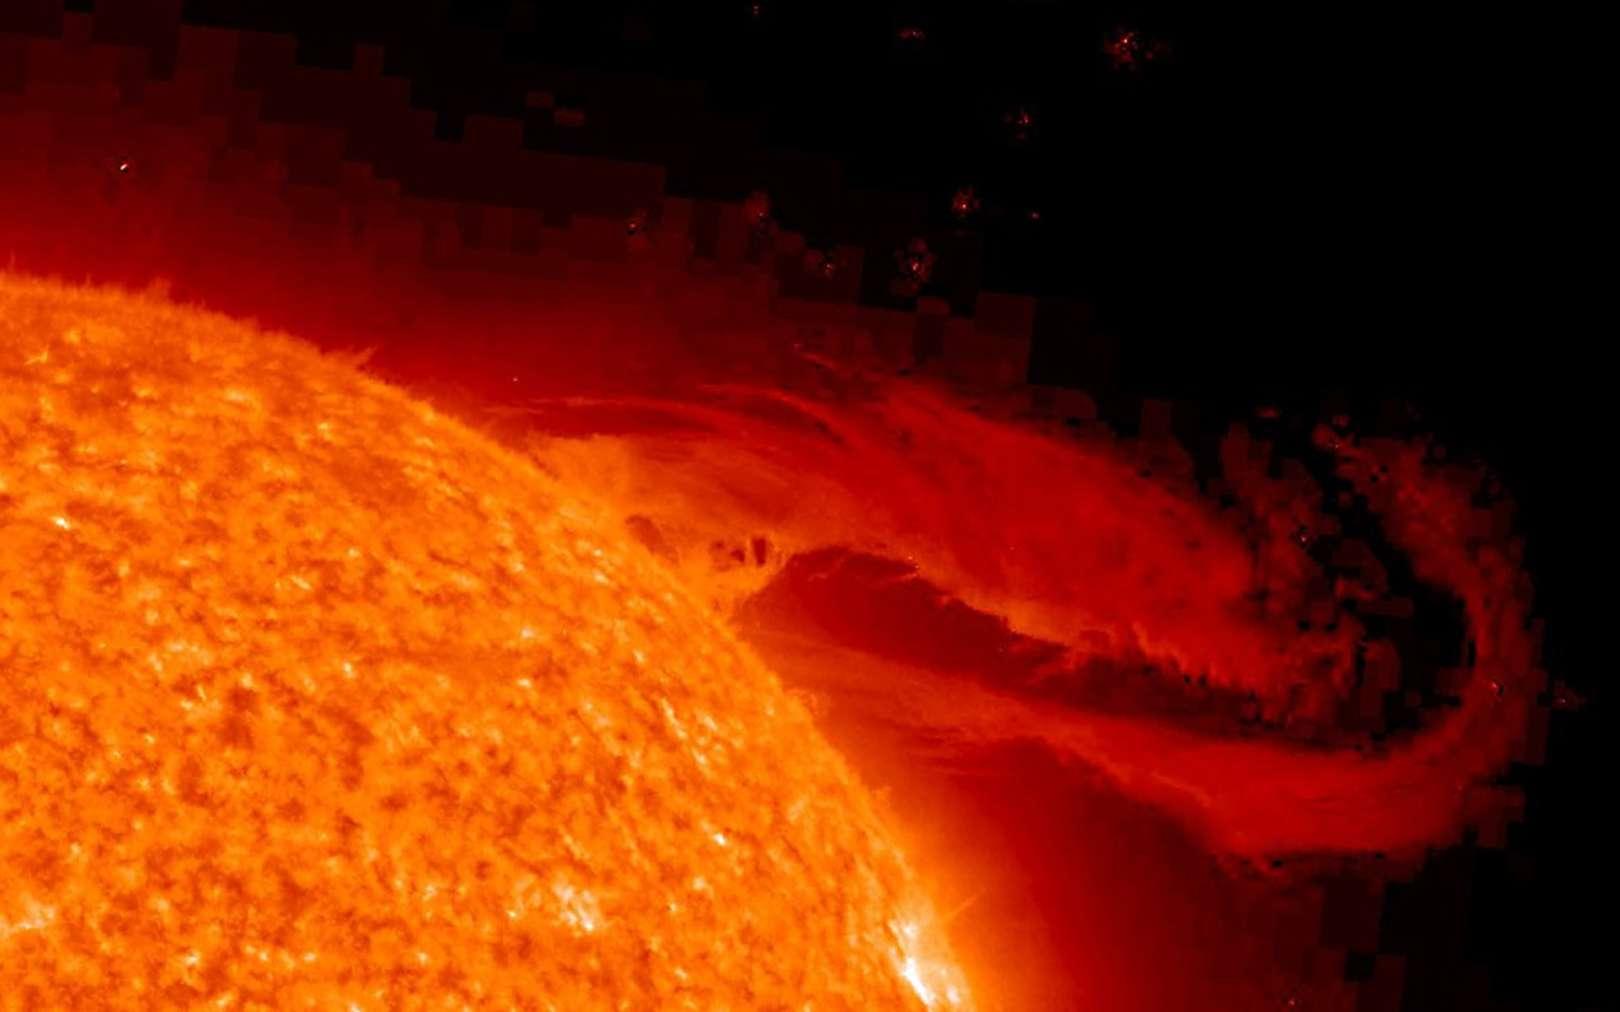 Le 29 septembre, cette magnifique protubérance solaire éruptive s'est éloignée de la surface du Soleil, se déployant dans l'espace au cours de plusieurs heures. Suspendue dans des champs magnétiques torsadés, la structure du plasma chaud est grande comme plusieurs fois la taille de la planète Terre et a été capturée par STEREO. L'image a été enregistrée dans la lumière ultraviolette extrême émise par l'hélium ionisé, un élément identifié à l'origine dans le spectre solaire. ©STEREO Project, NASA